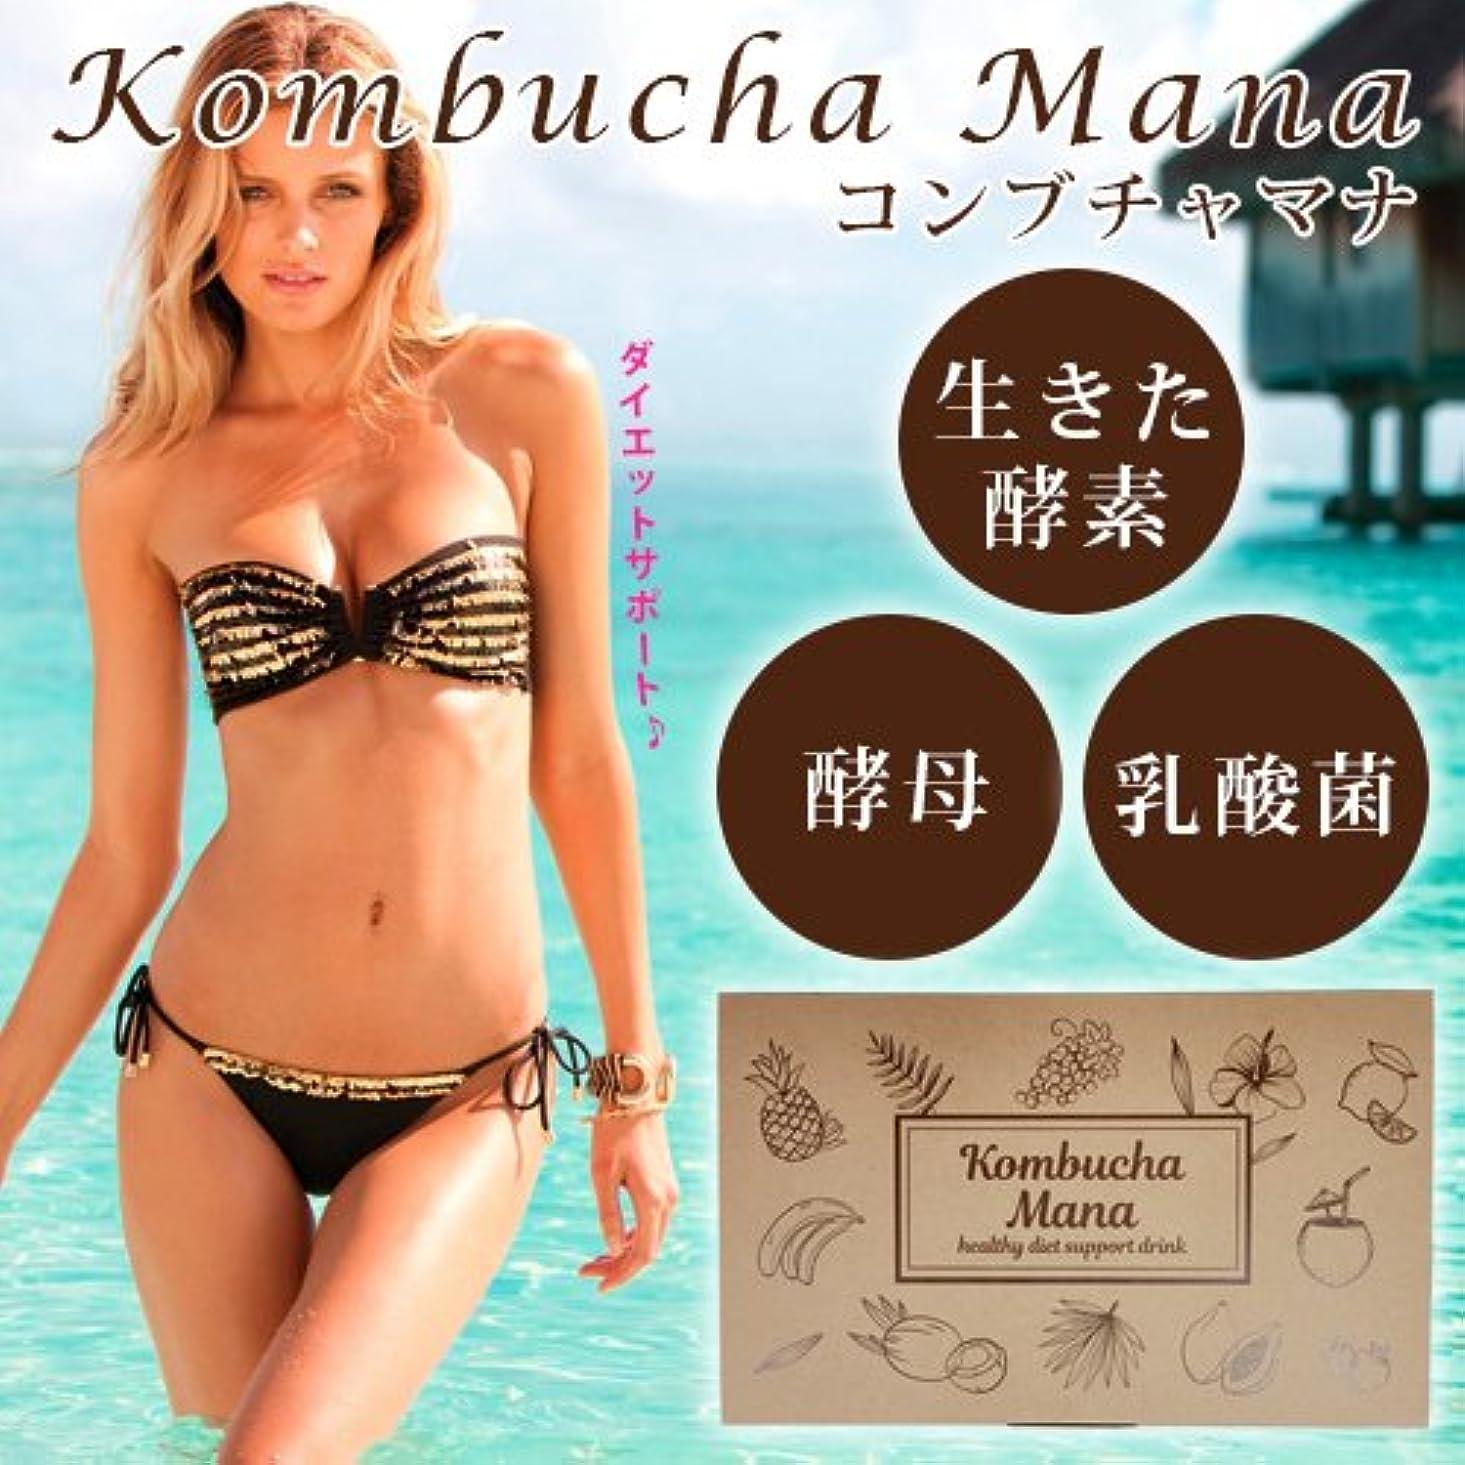 増幅推定インデックスコンブチャマナ(Kombucha Mana)ダイエットクレンジングドリンク (1箱)